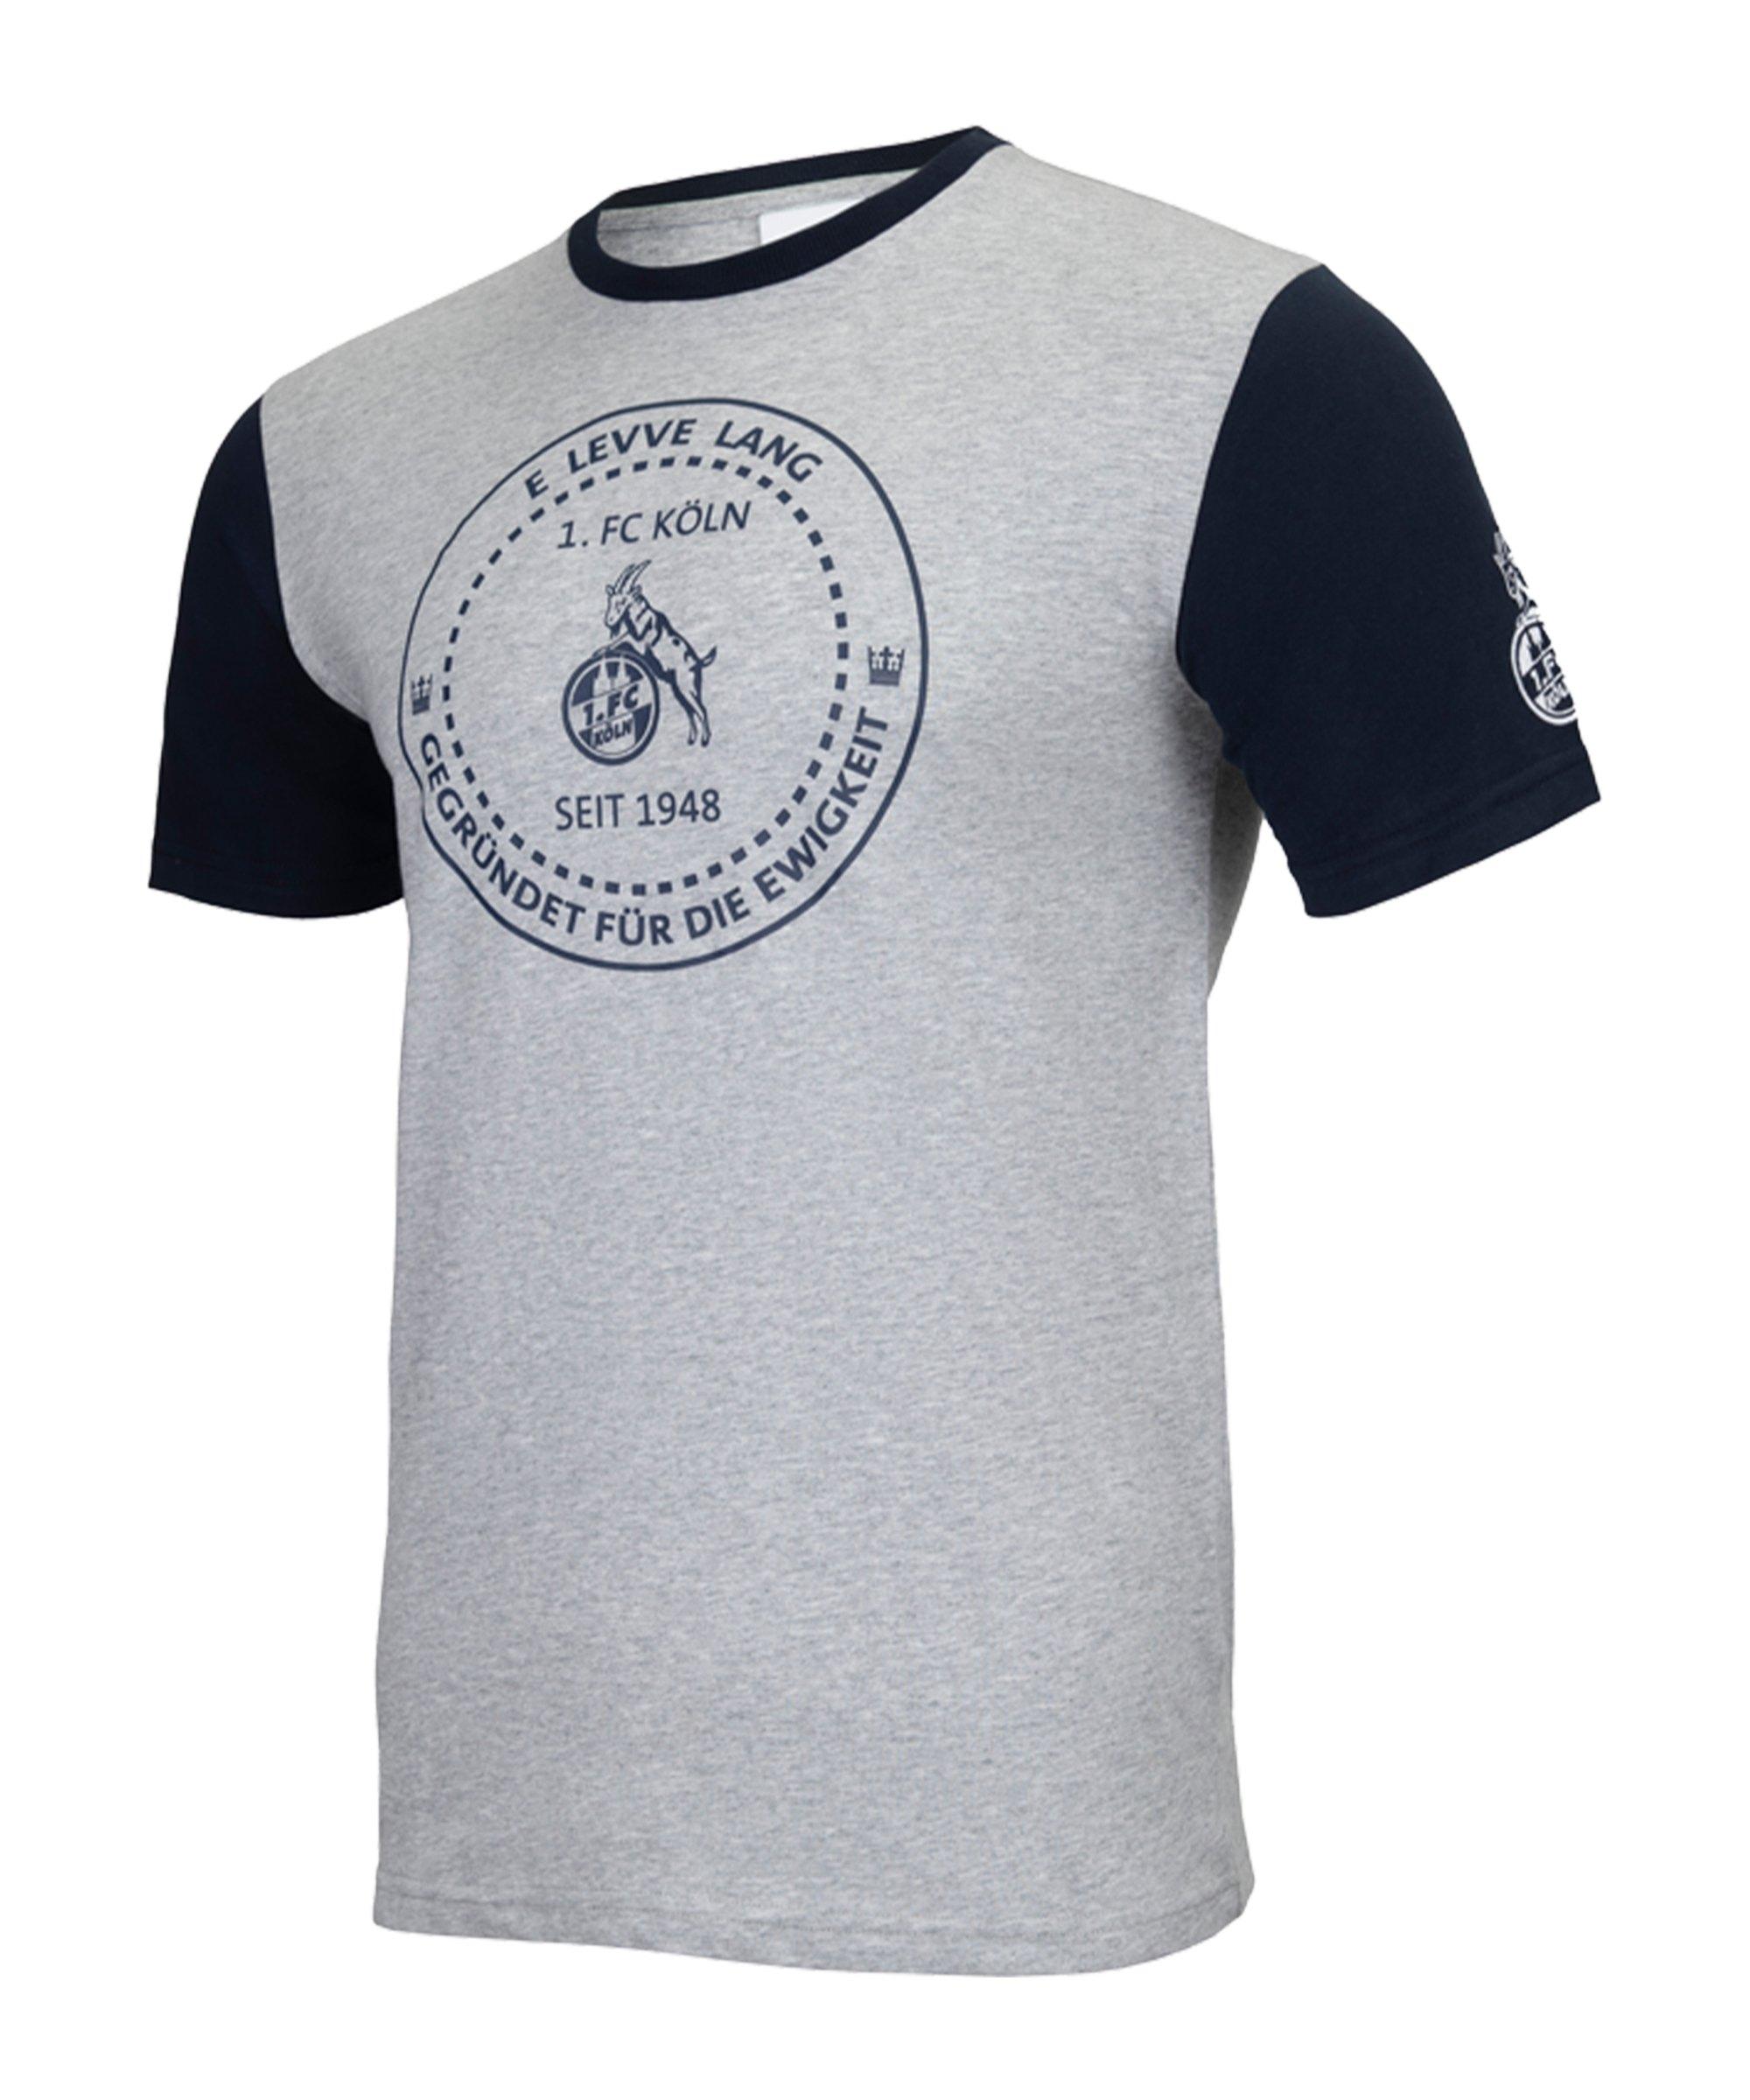 Uhlsport 1. FC Köln Xmas T-Shirt Grau - grau